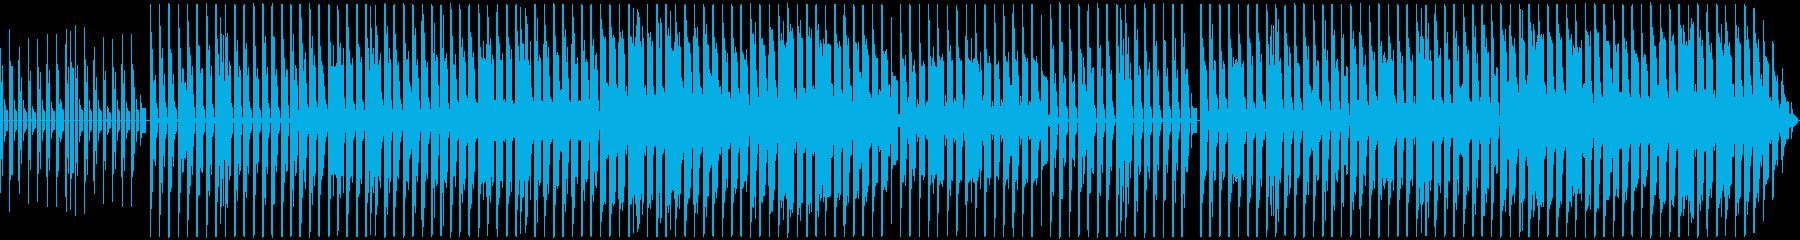 中東アッパー系!エクスタシーサイケポップの再生済みの波形